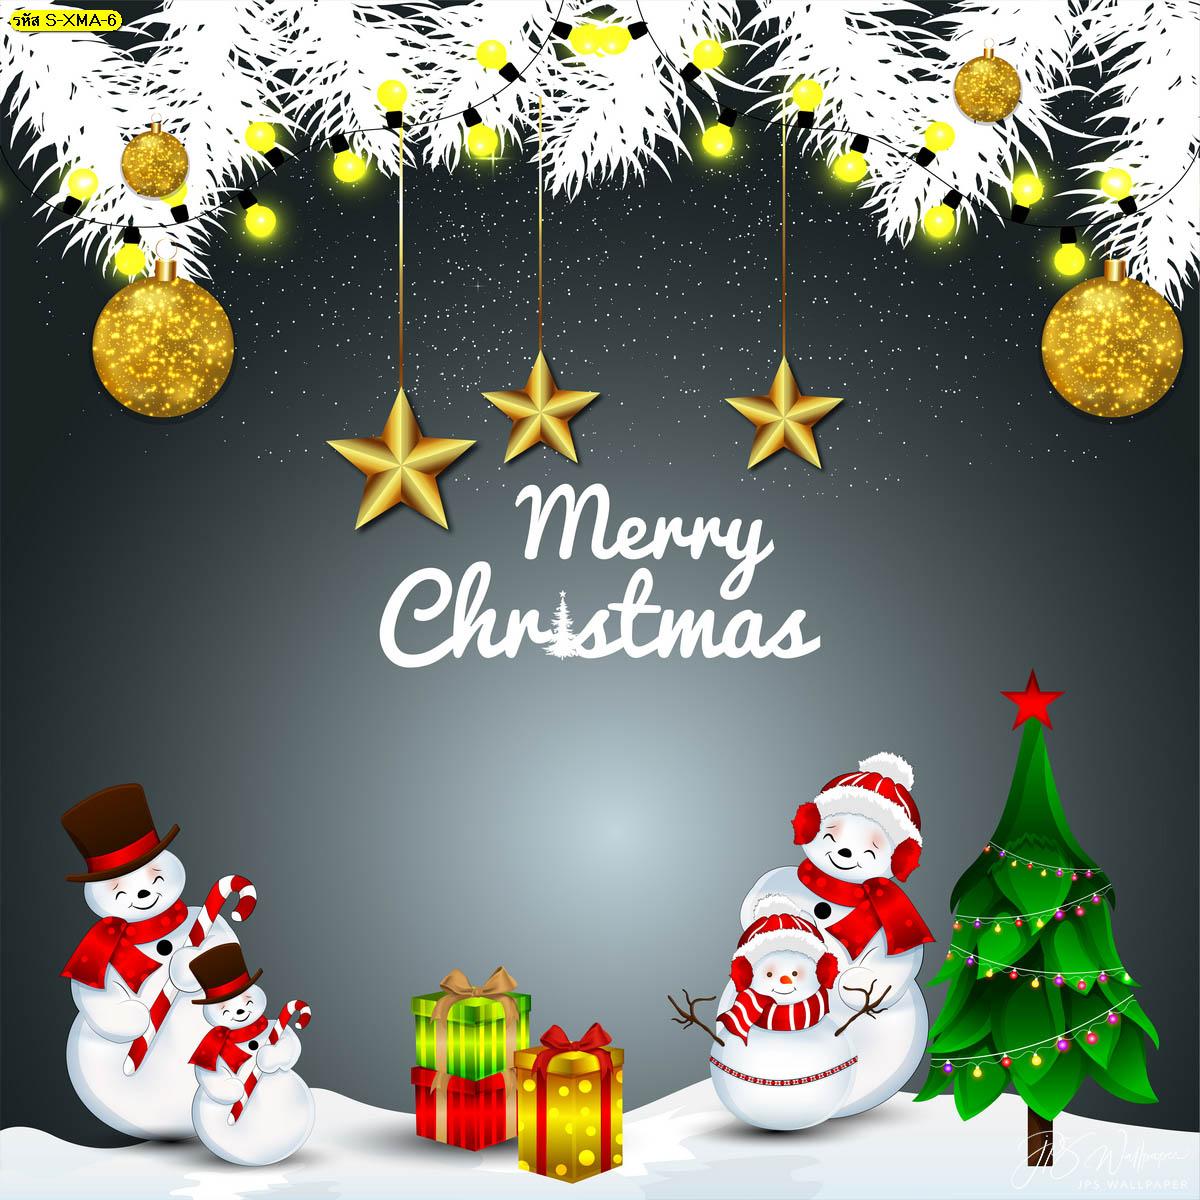 วอลเปเปอร์สโนว์แมน Merry christmas wallpaper พื้นหลังคริสต์มาส